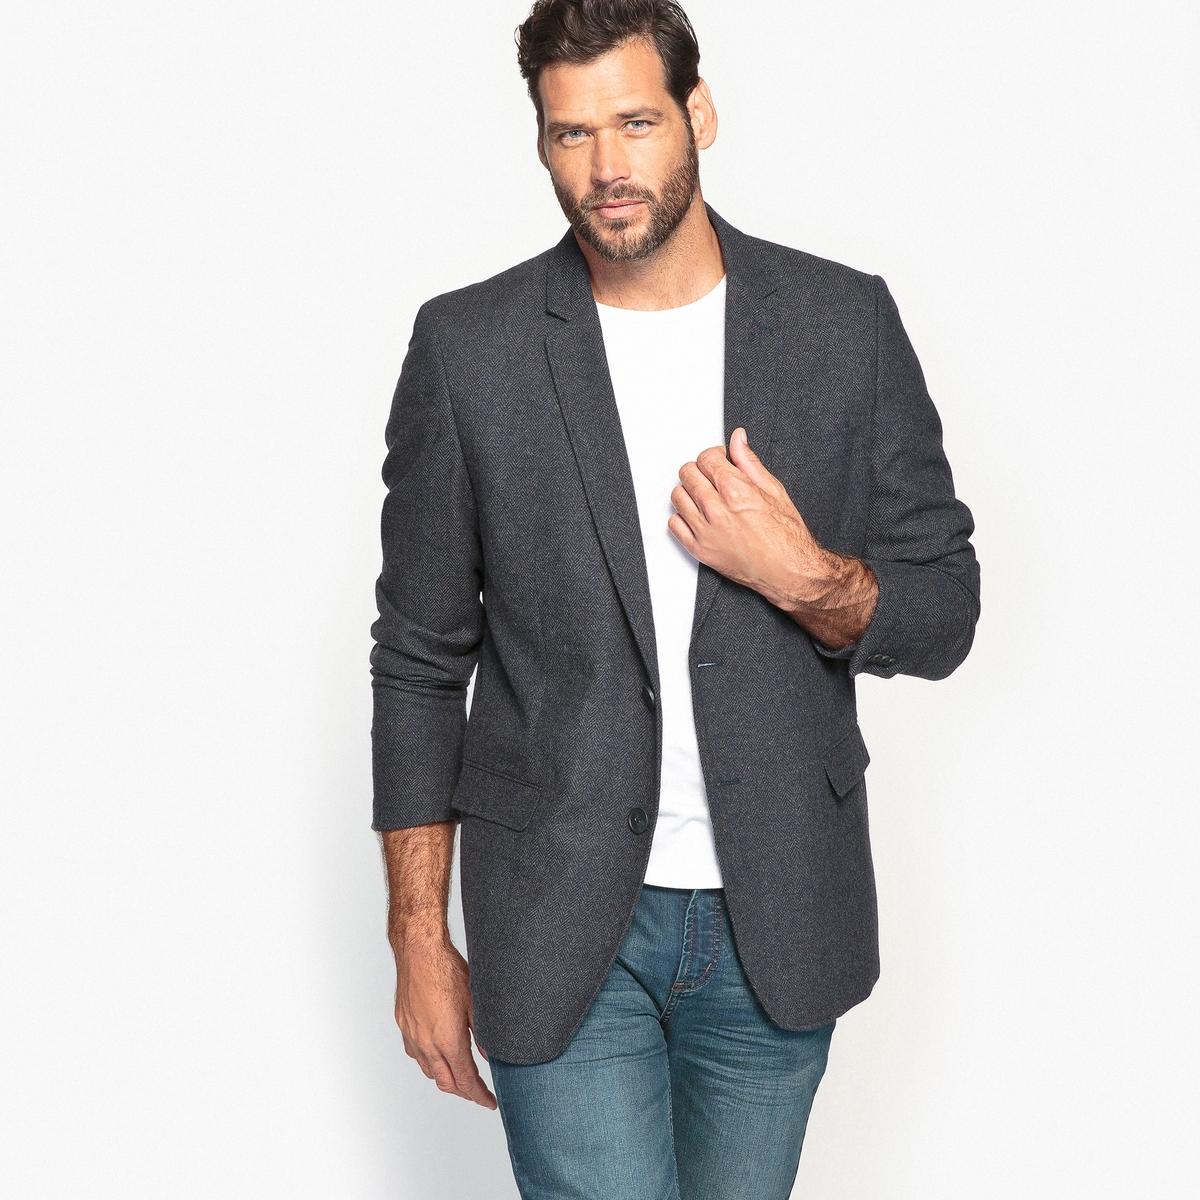 Пиджак костюмный с рисунком ёлочкаОписание:Этот костюмный пиджак с рисунком ёлочка идеально подходит к джинсам, создавая образ в городском стиле. Неотъемлемый предмет гардероба.Детали •  Пиджак костюмный •  Прямой покрой  •  Воротник-поло, рубашечный Состав и уход •  43% шерсти, 6% других волокон, 51% полиэстера • Не стирать •  Допускается чистка любыми растворителями / отбеливание запрещено •  Не использовать барабанную сушку •  Не гладить  Товар из коллекции больших размеров •  Застежка на 2 пуговицы. •  2 кармана с клапанами.<br><br>Цвет: темно-синий<br>Размер: 66.56.76.64.60